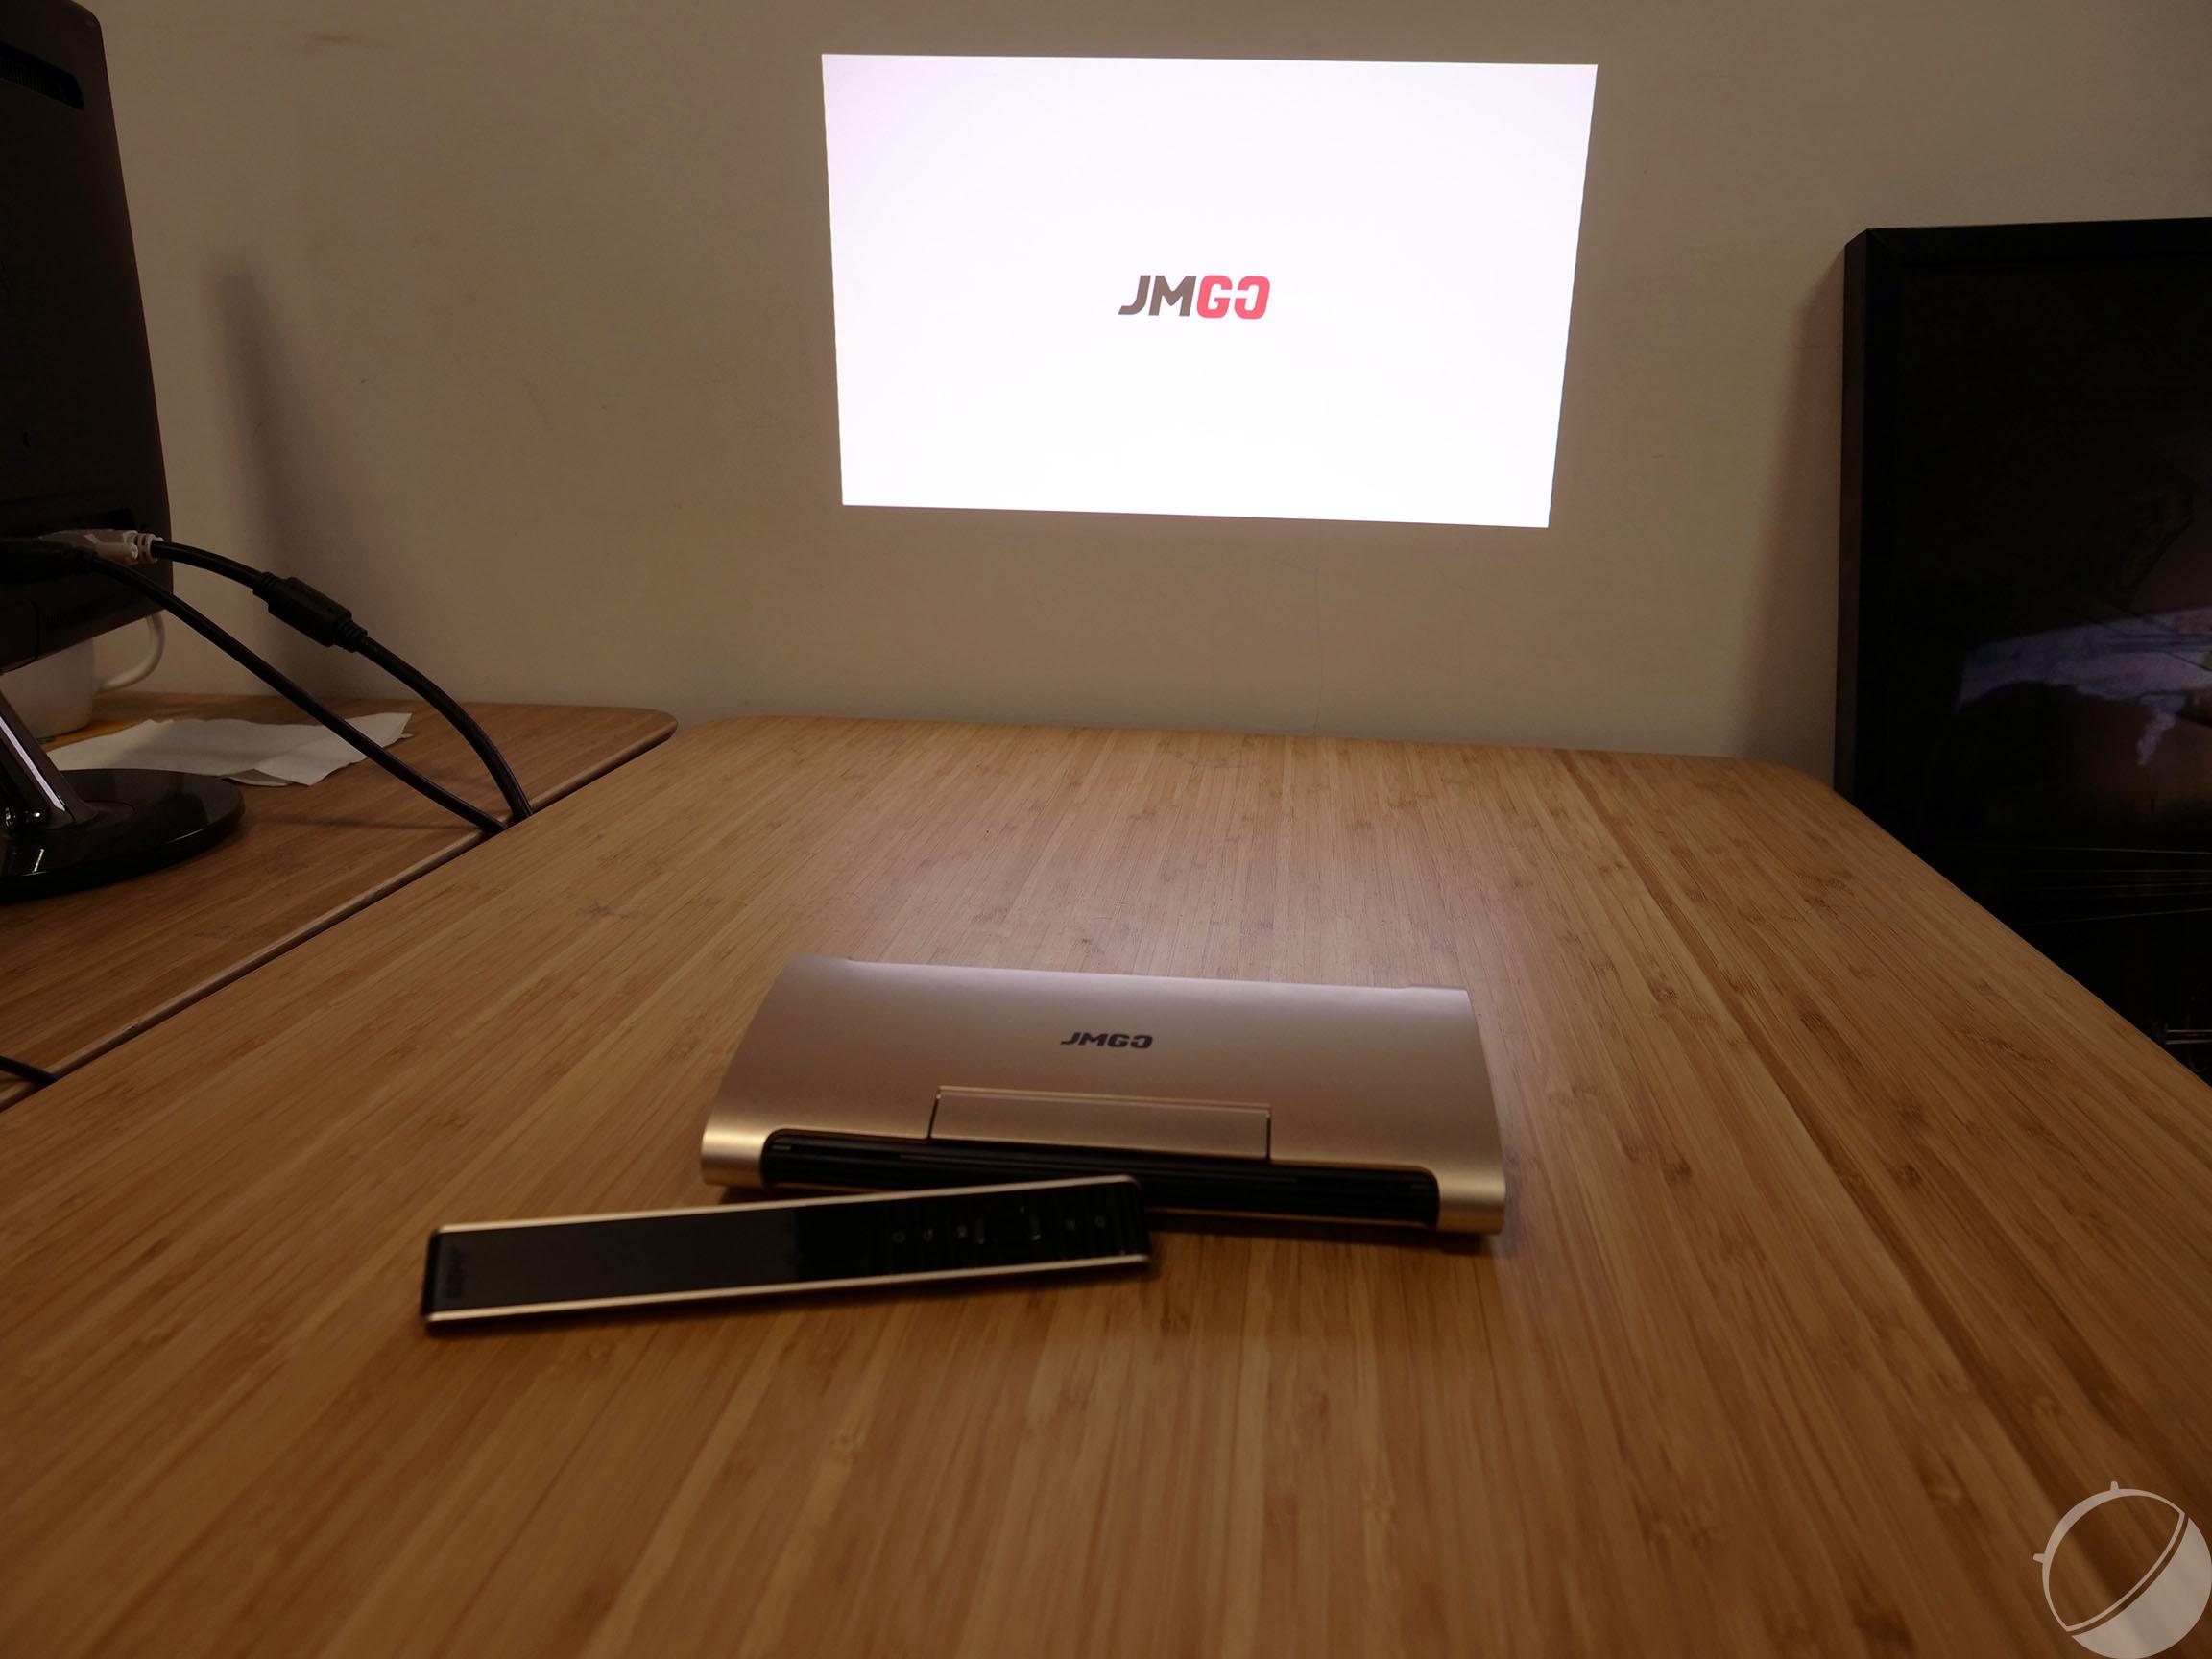 prise en main du jmgo m6 le vid oprojecteur de poche chinois frandroid. Black Bedroom Furniture Sets. Home Design Ideas